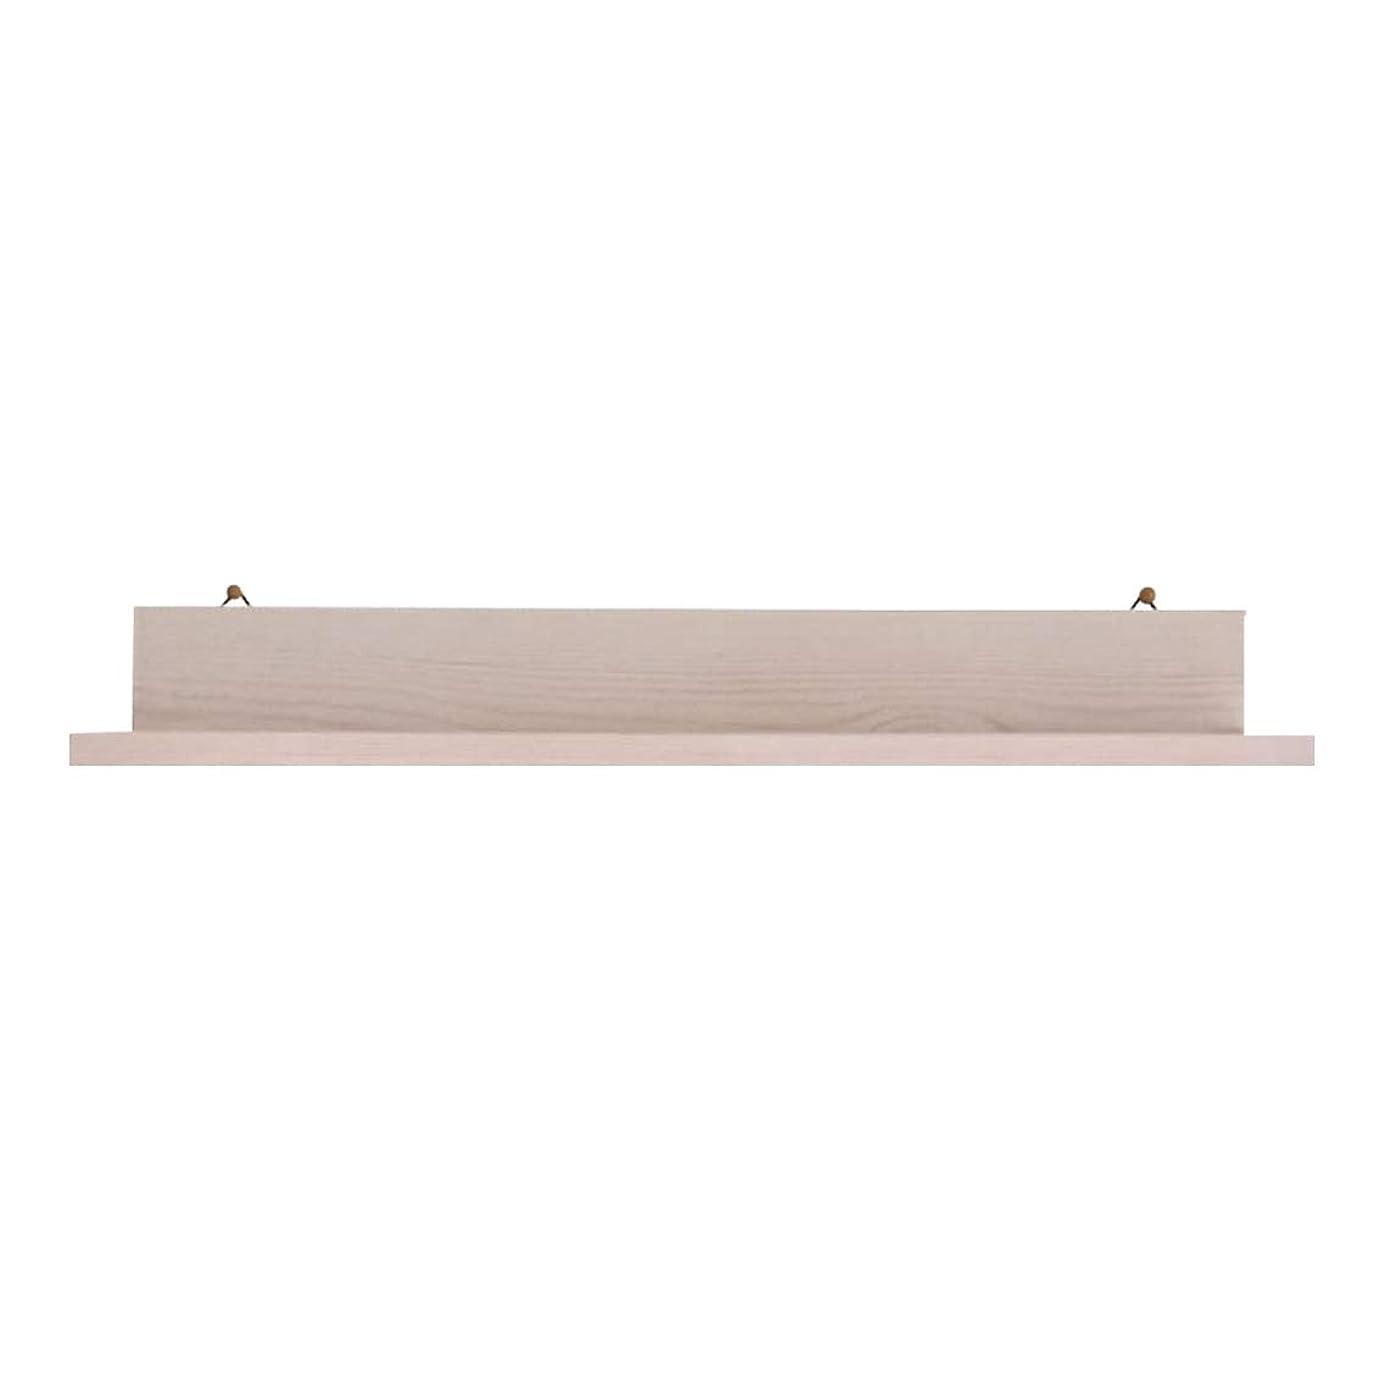 命令的斧同一の日常の空間をお洒落に可愛く 飾り棚 壁掛け シェルフ ウォール ラック 4 (ホワイト)